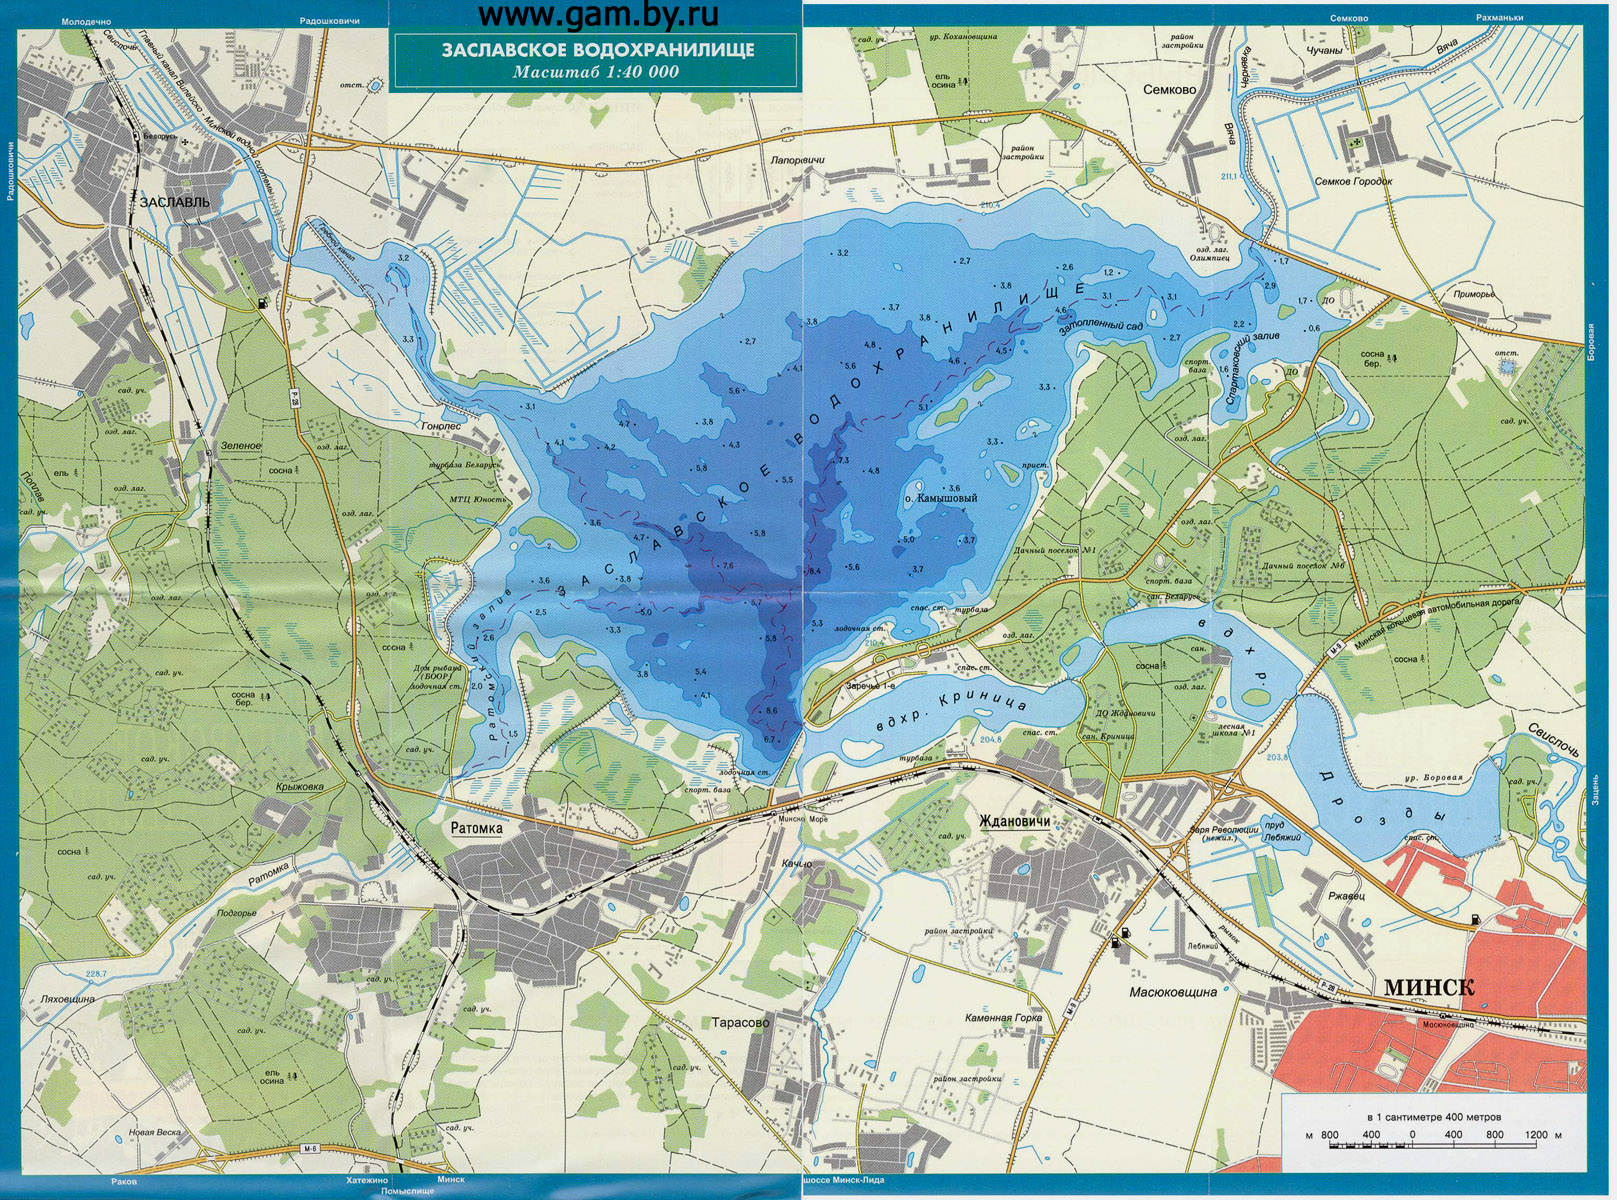 брик рыболовный форум минское море